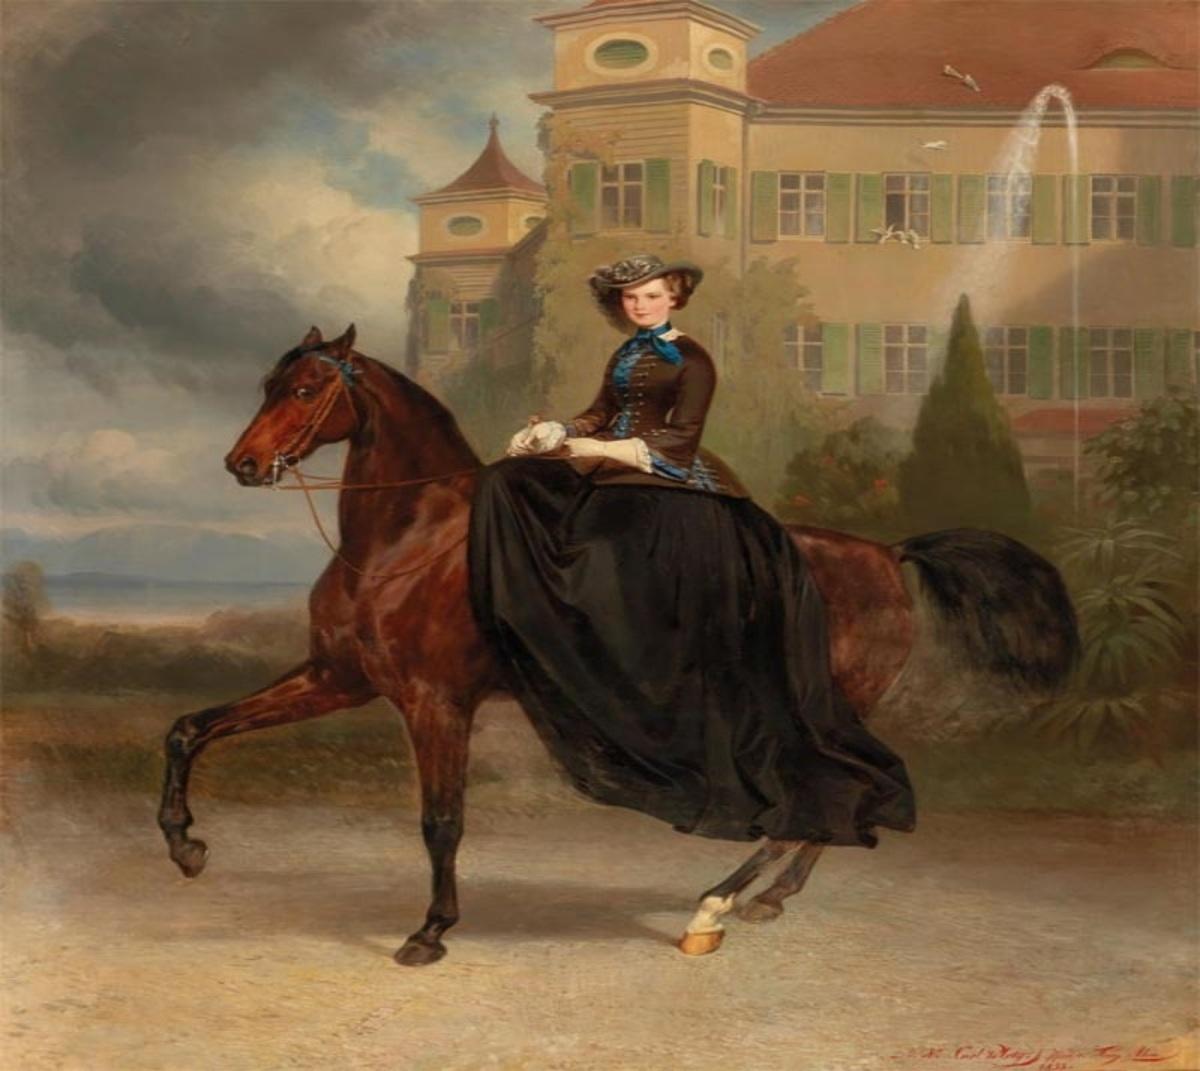 Φωτογραφία από: www.dorotheum.com